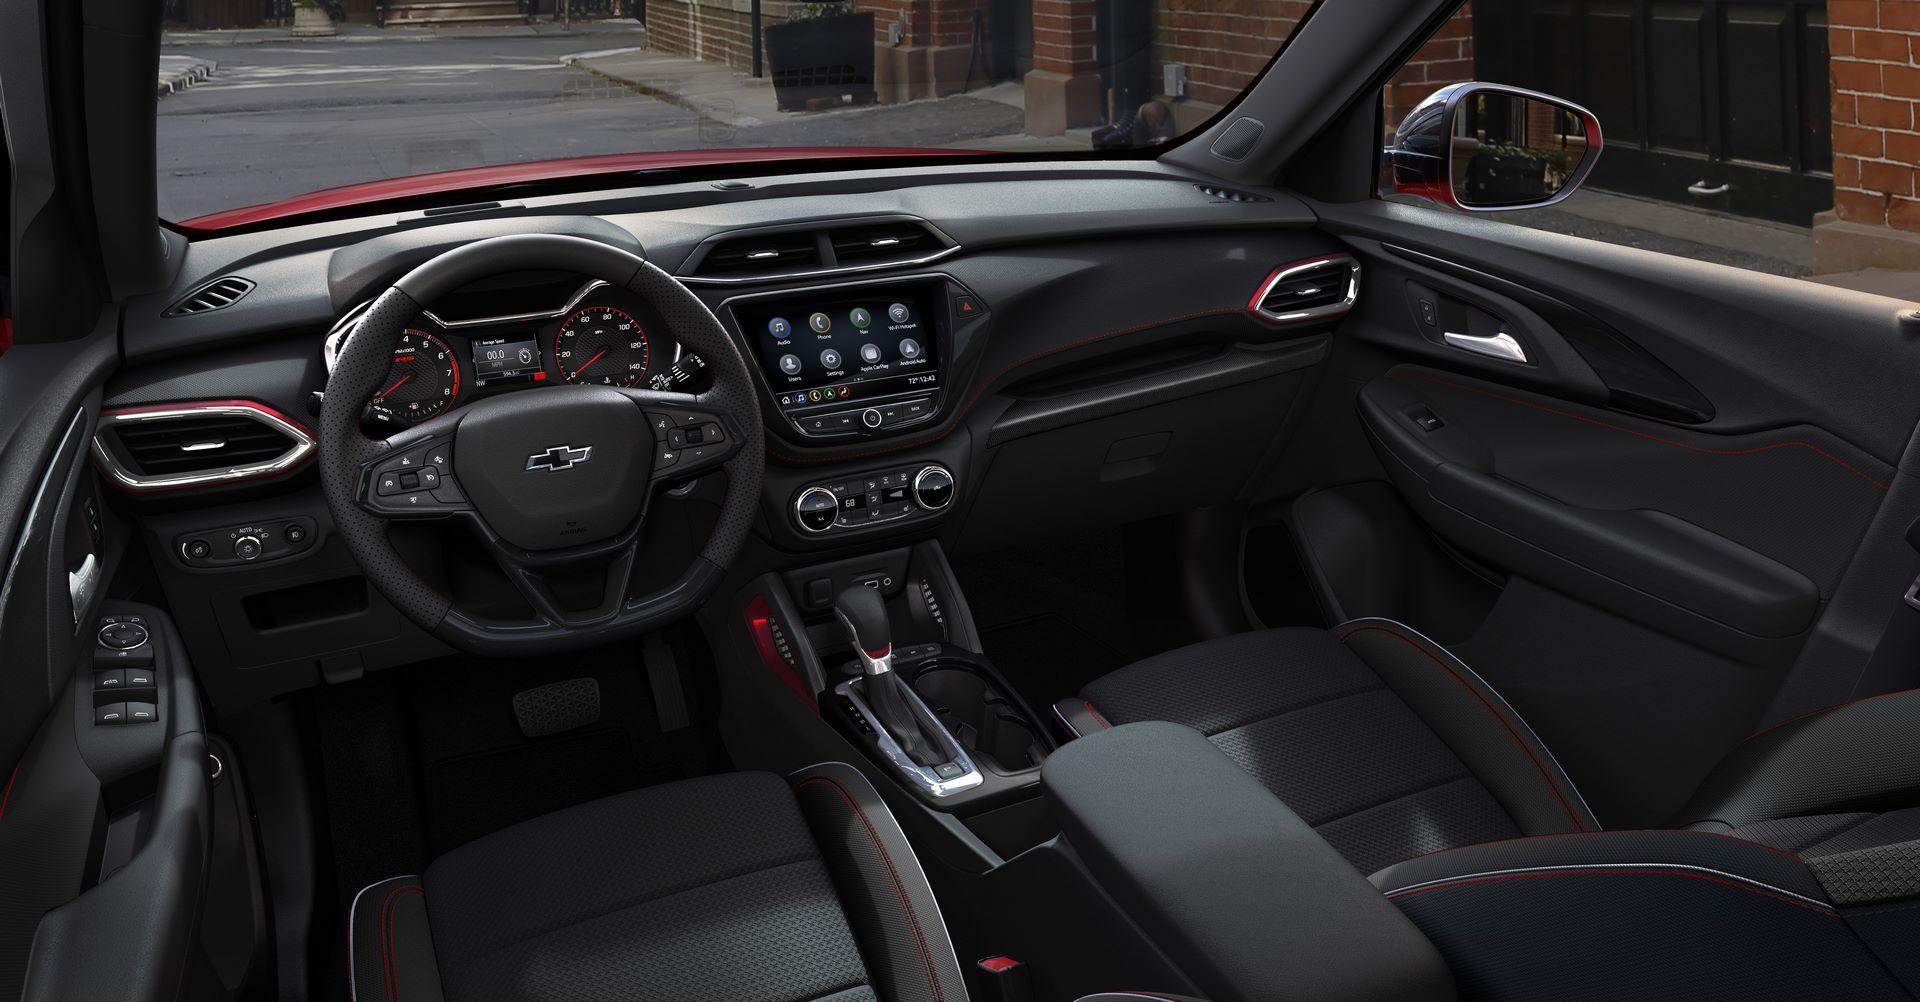 Chevrolet-Trailblazer-2021-12